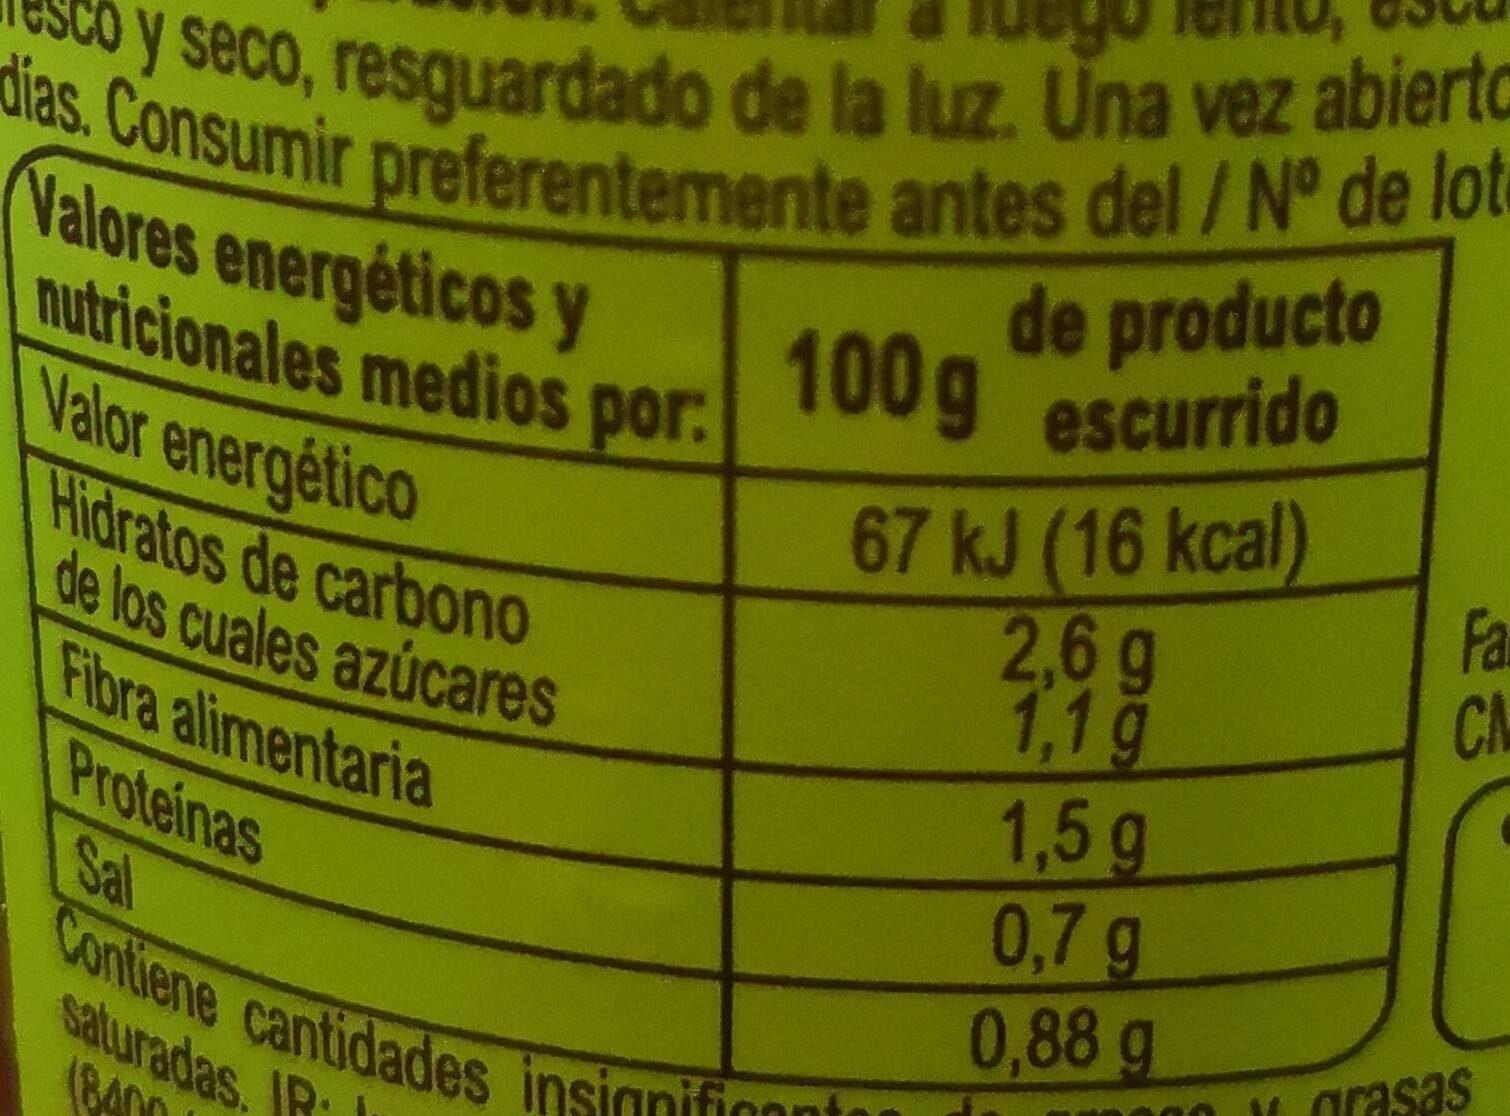 Judías verdes planas - Información nutricional - es